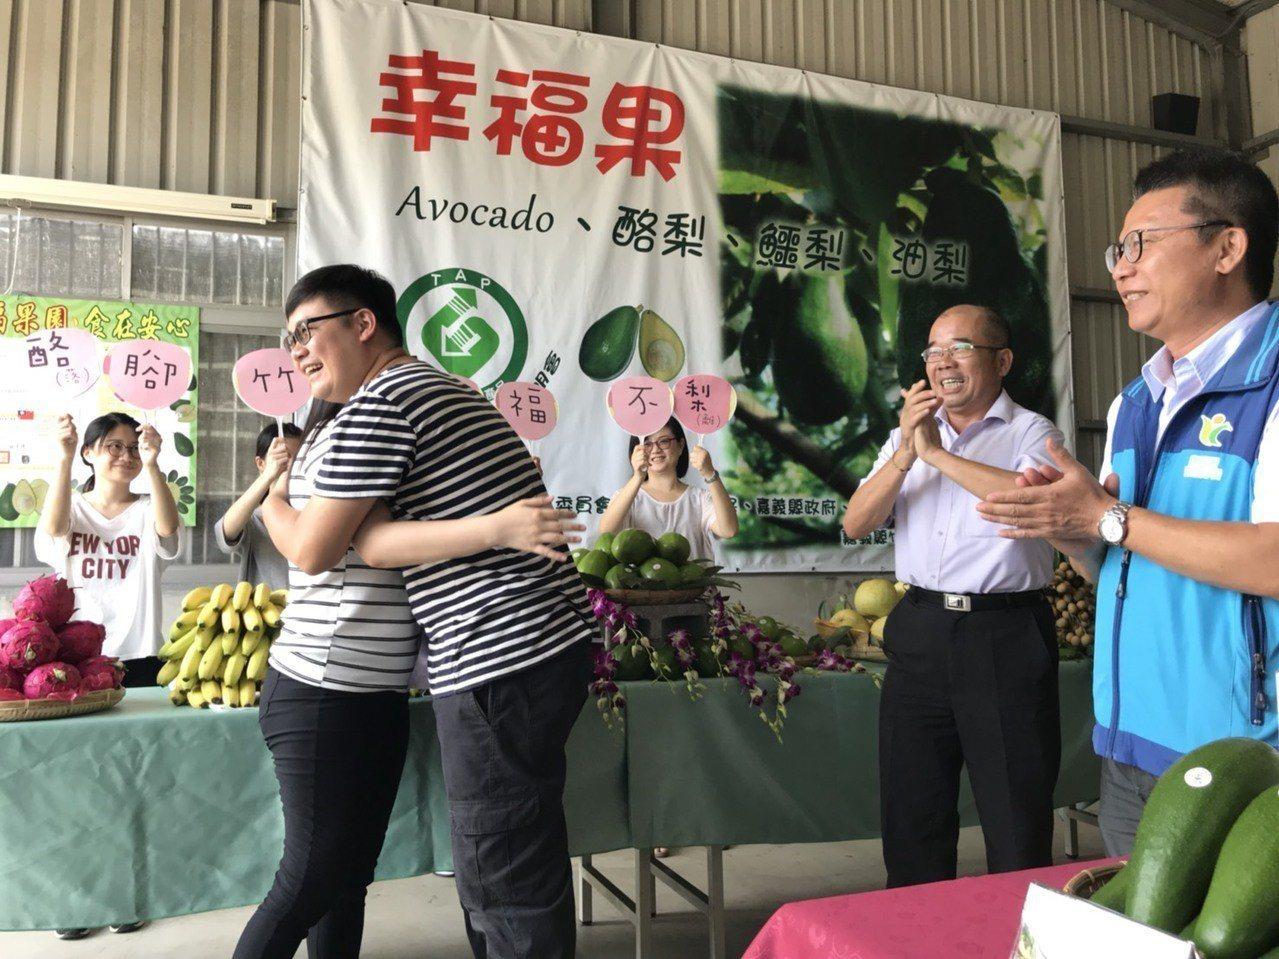 竹崎公所農業課員工陳威霖,特別利用這次行銷活動,向女友女友曹若嫈求婚,眾人一起見...